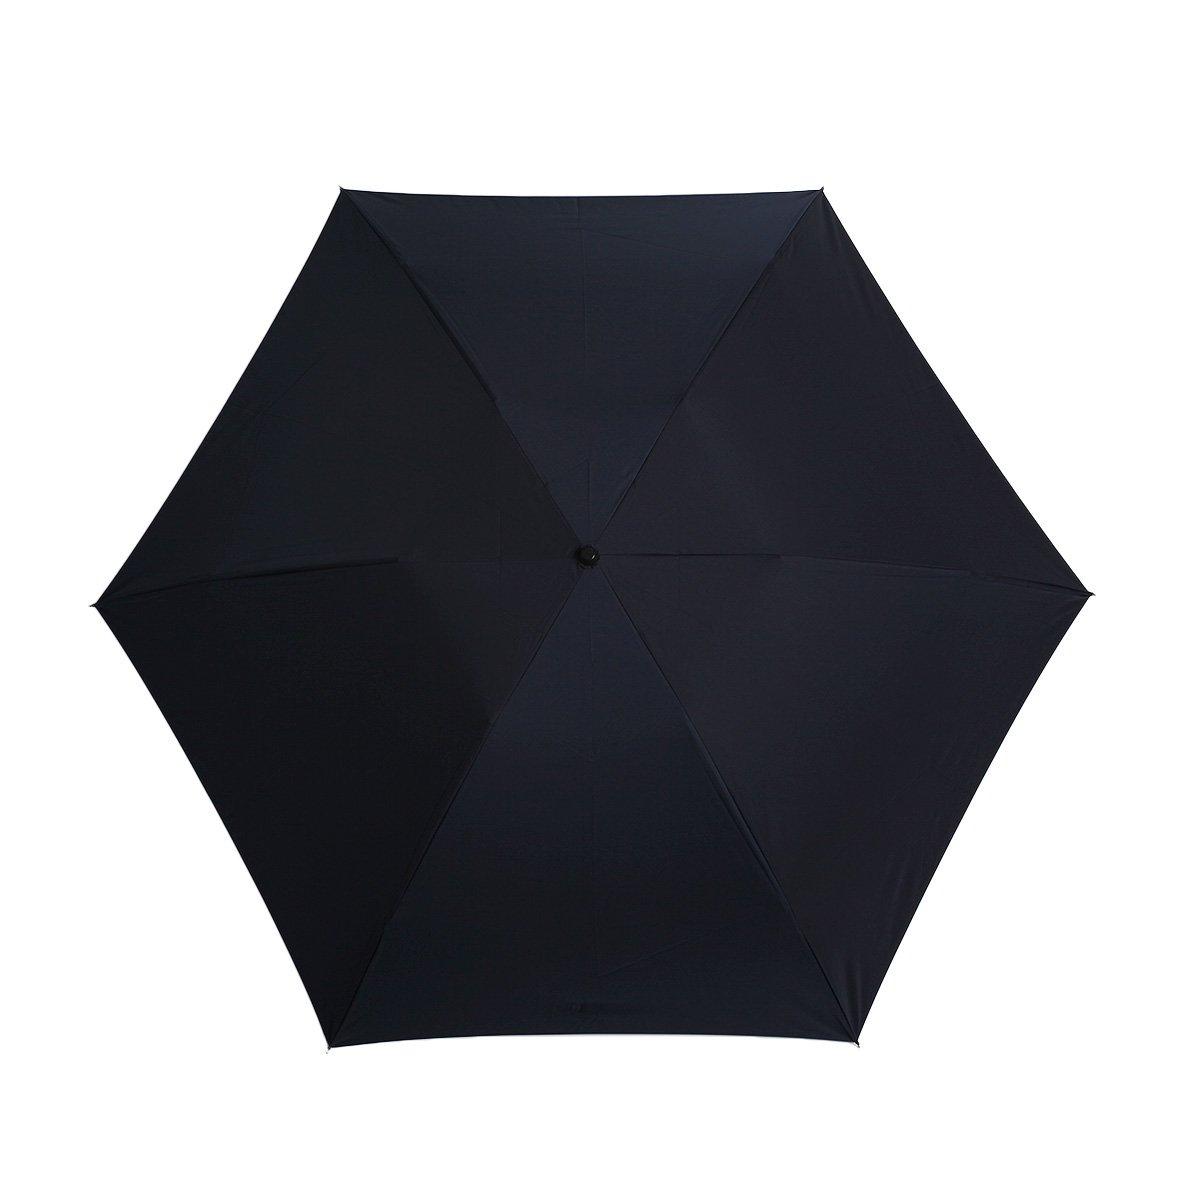 強力撥水 レインドロップ レクタス 折りたたみ傘 詳細画像7